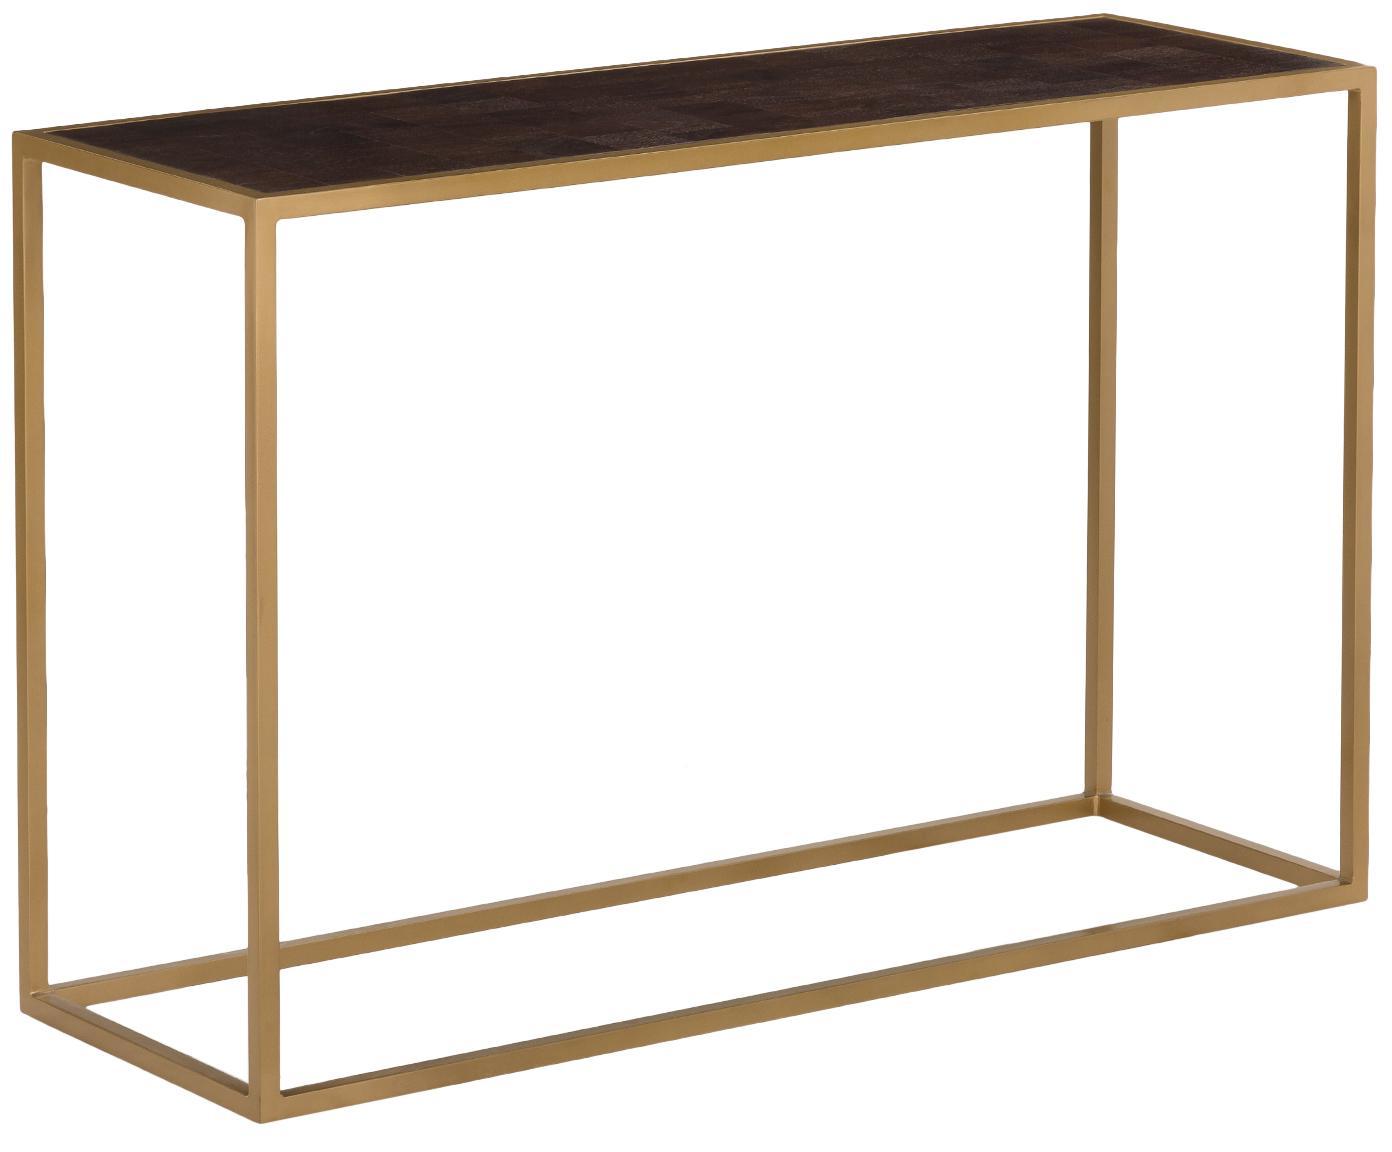 Consola James, Estante: madera de mango, maciza, , Estructura: metal, pintura en polvo, Madera de mango oscura, dorado, An 120 x Al 78 cm